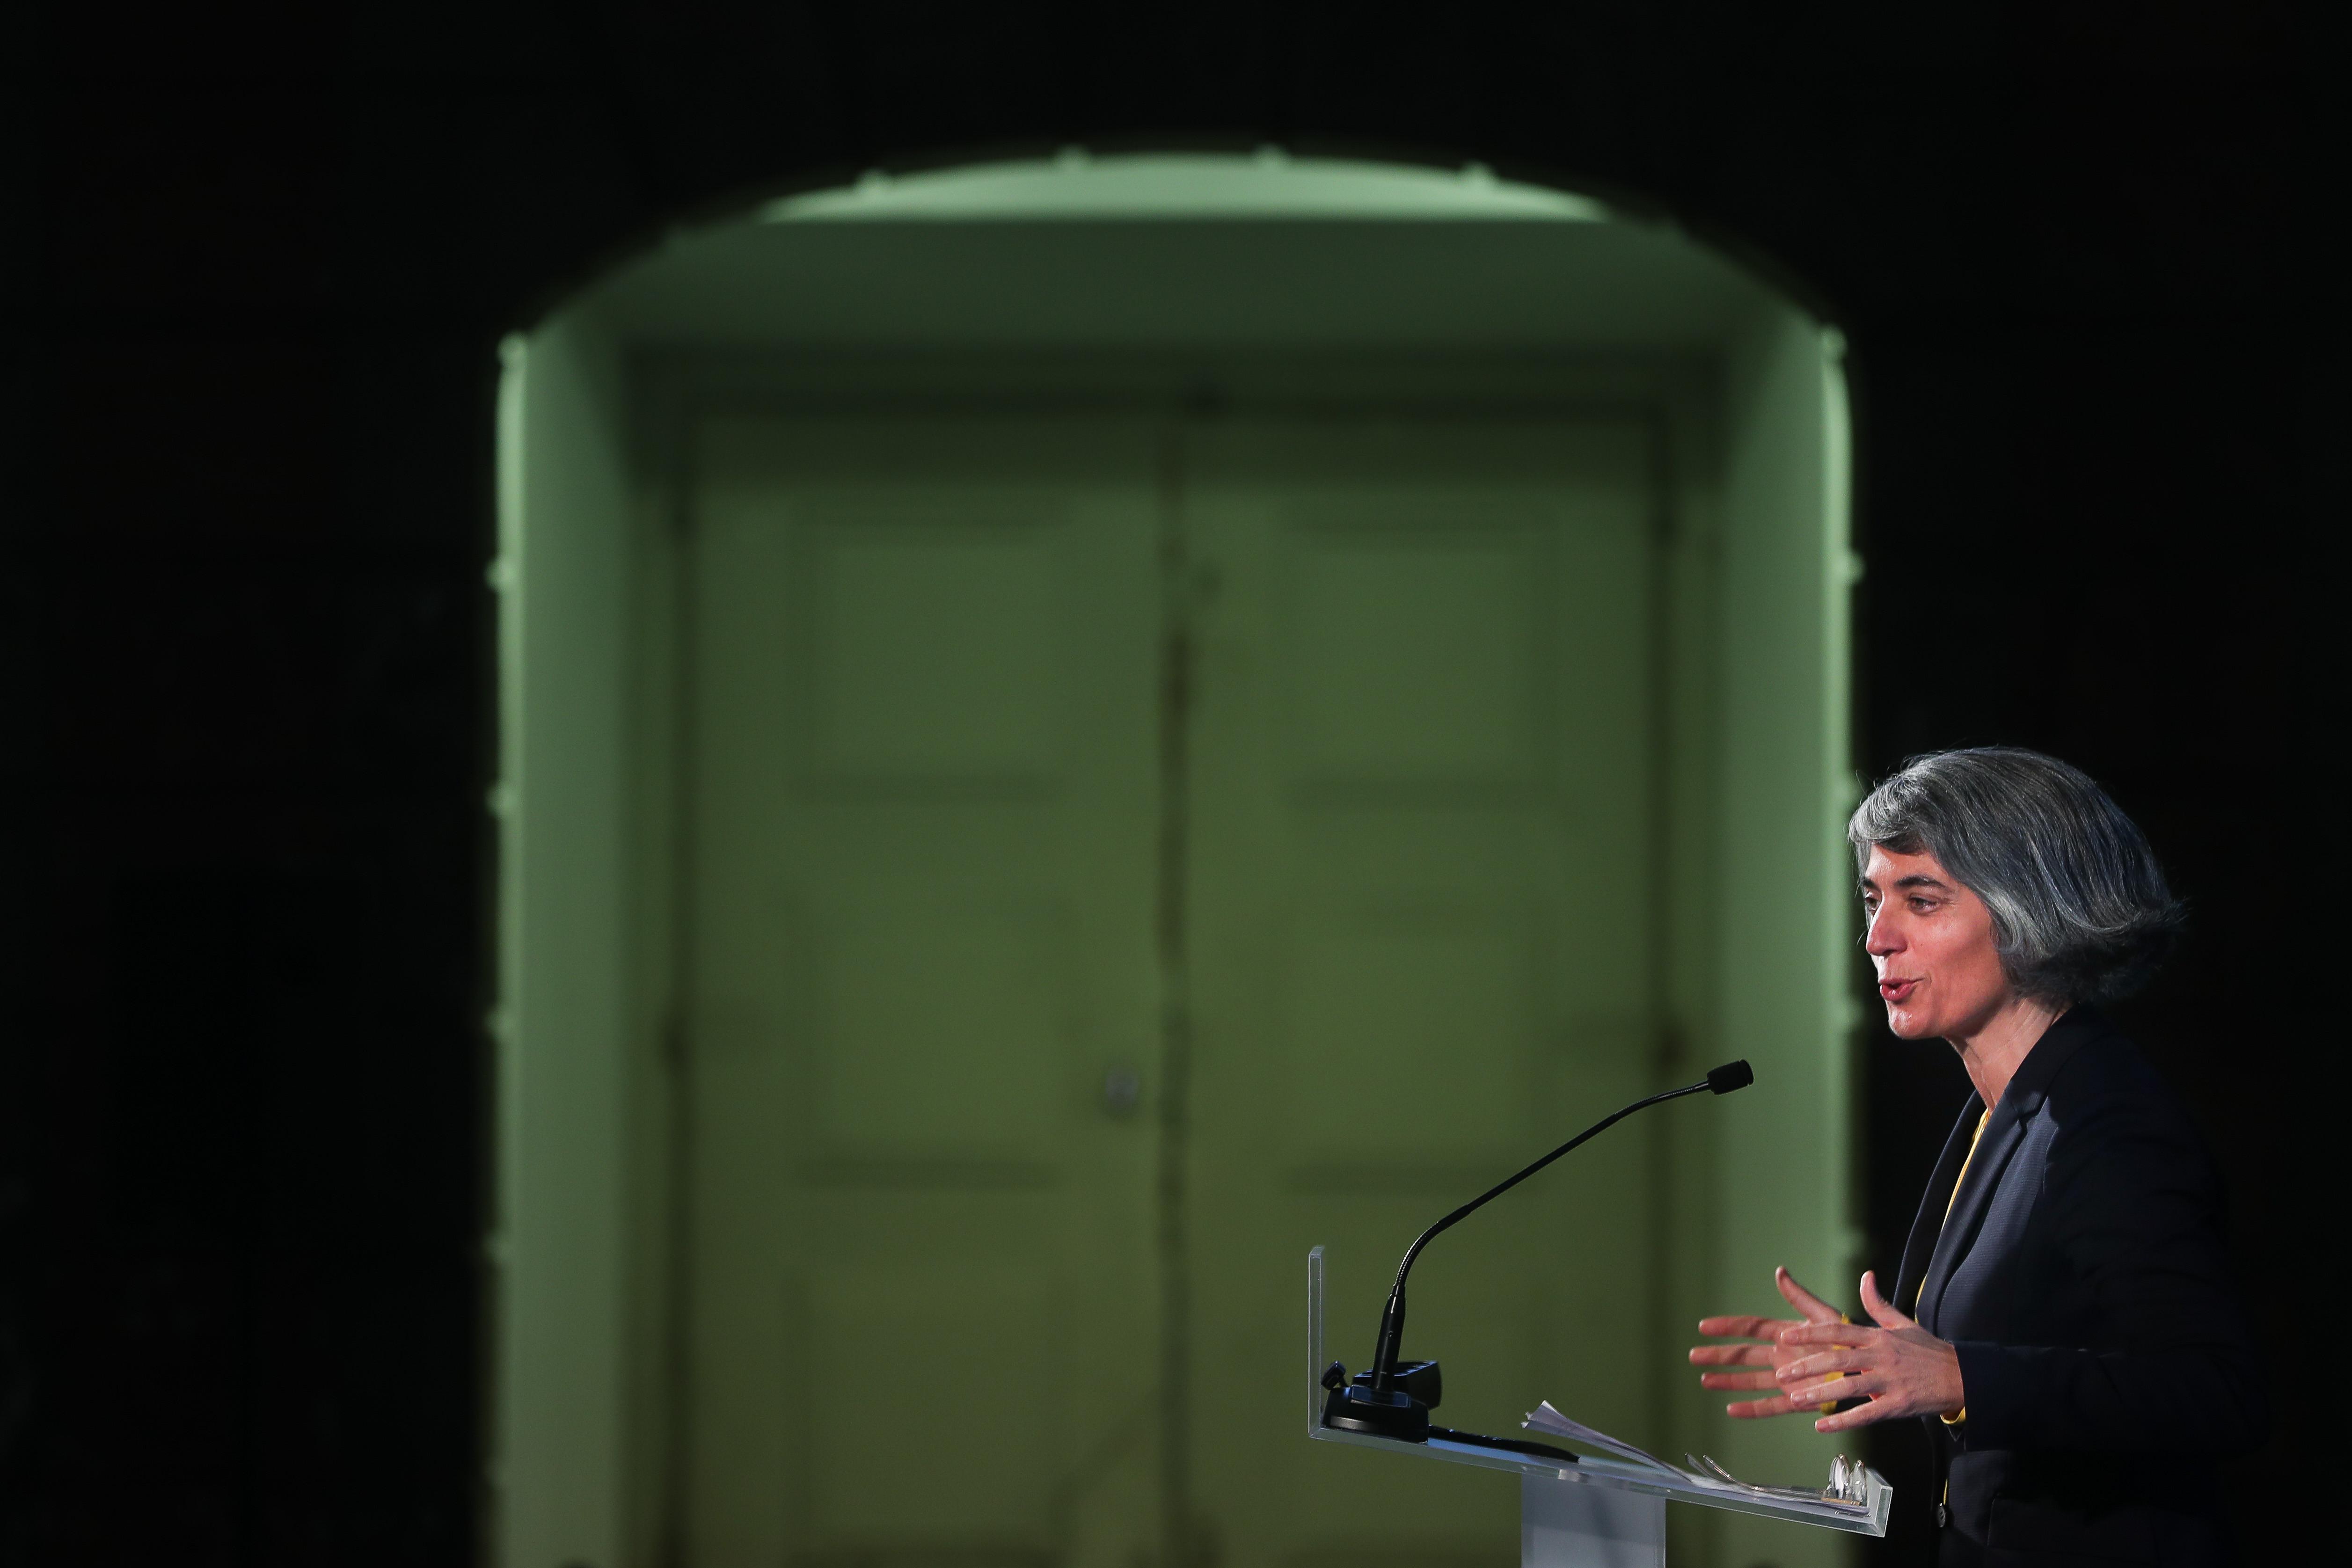 Governo quer expor no Interior as obras em reserva dos museus nacionais